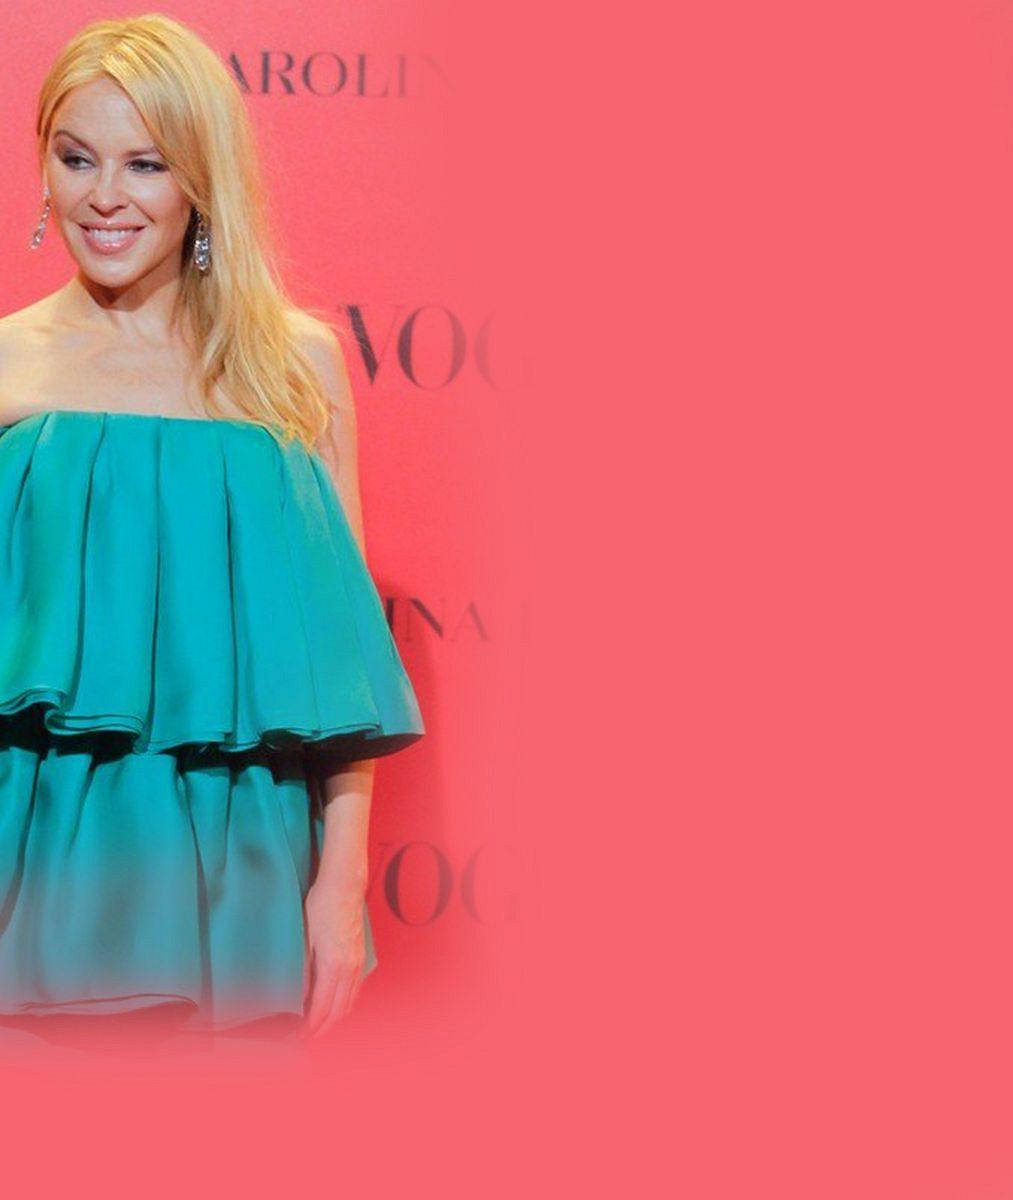 Kylie Minogue se na večírku potkala s bývalým, který jí zlomil srdce. Ten ale musel litovat, vypadala božsky!